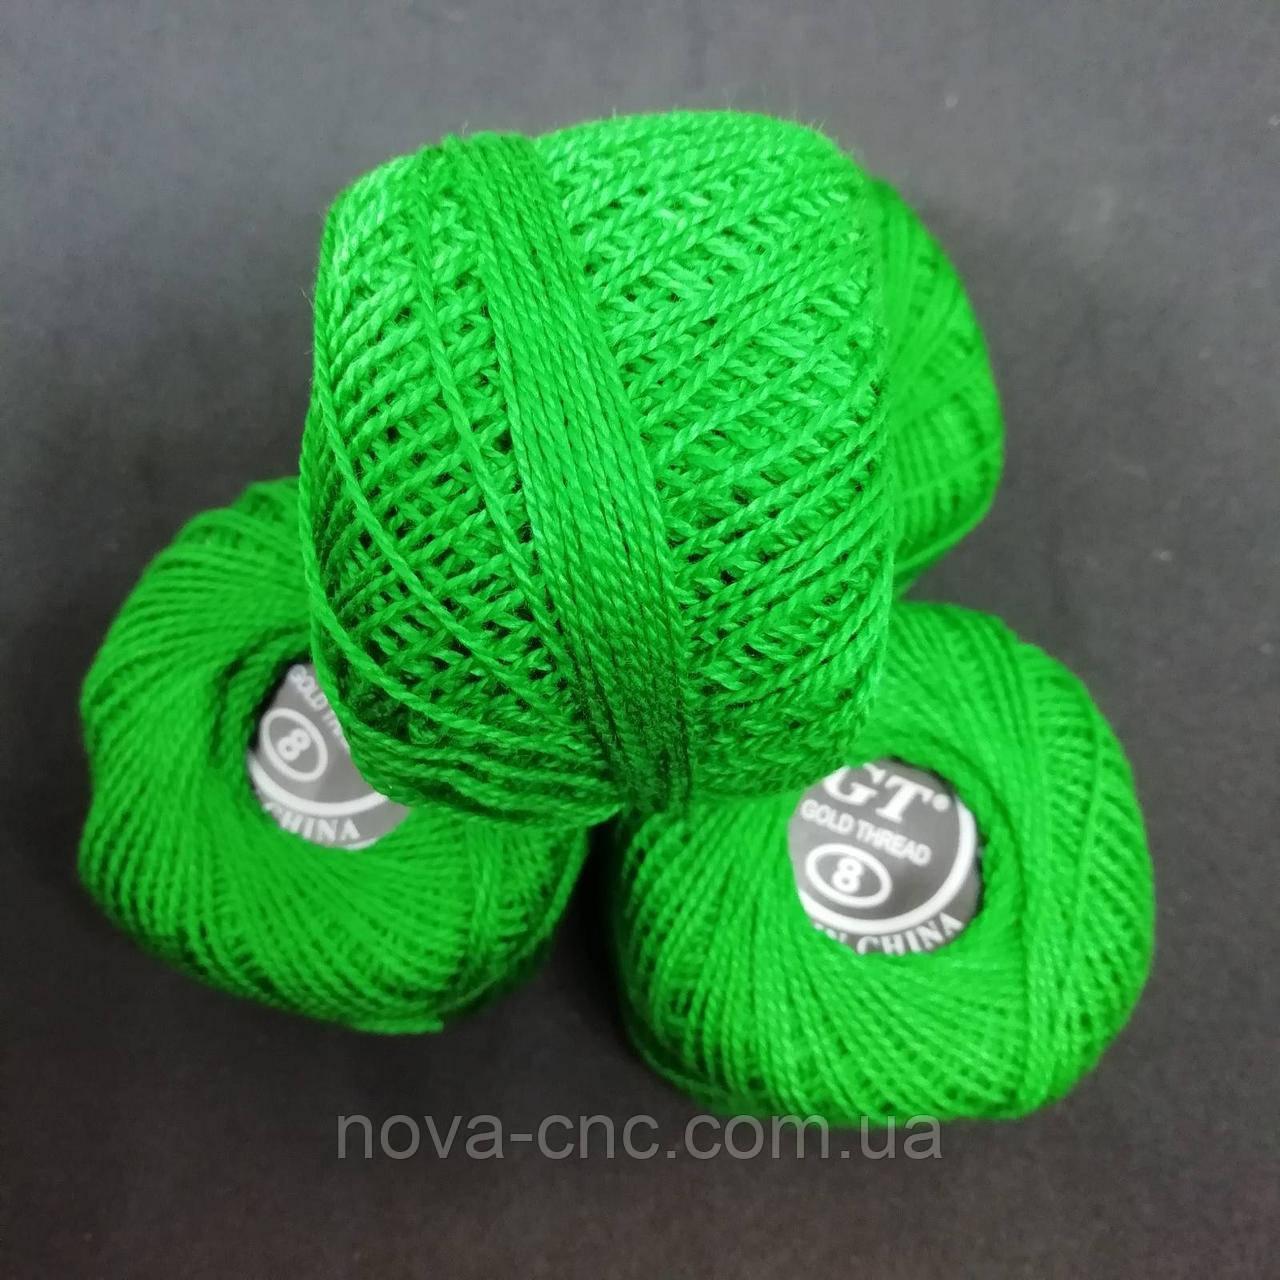 Хлопок Пряжа Ирис №8/ 10 грамм сочная зелень Упаковка 10 штук Тон б/н